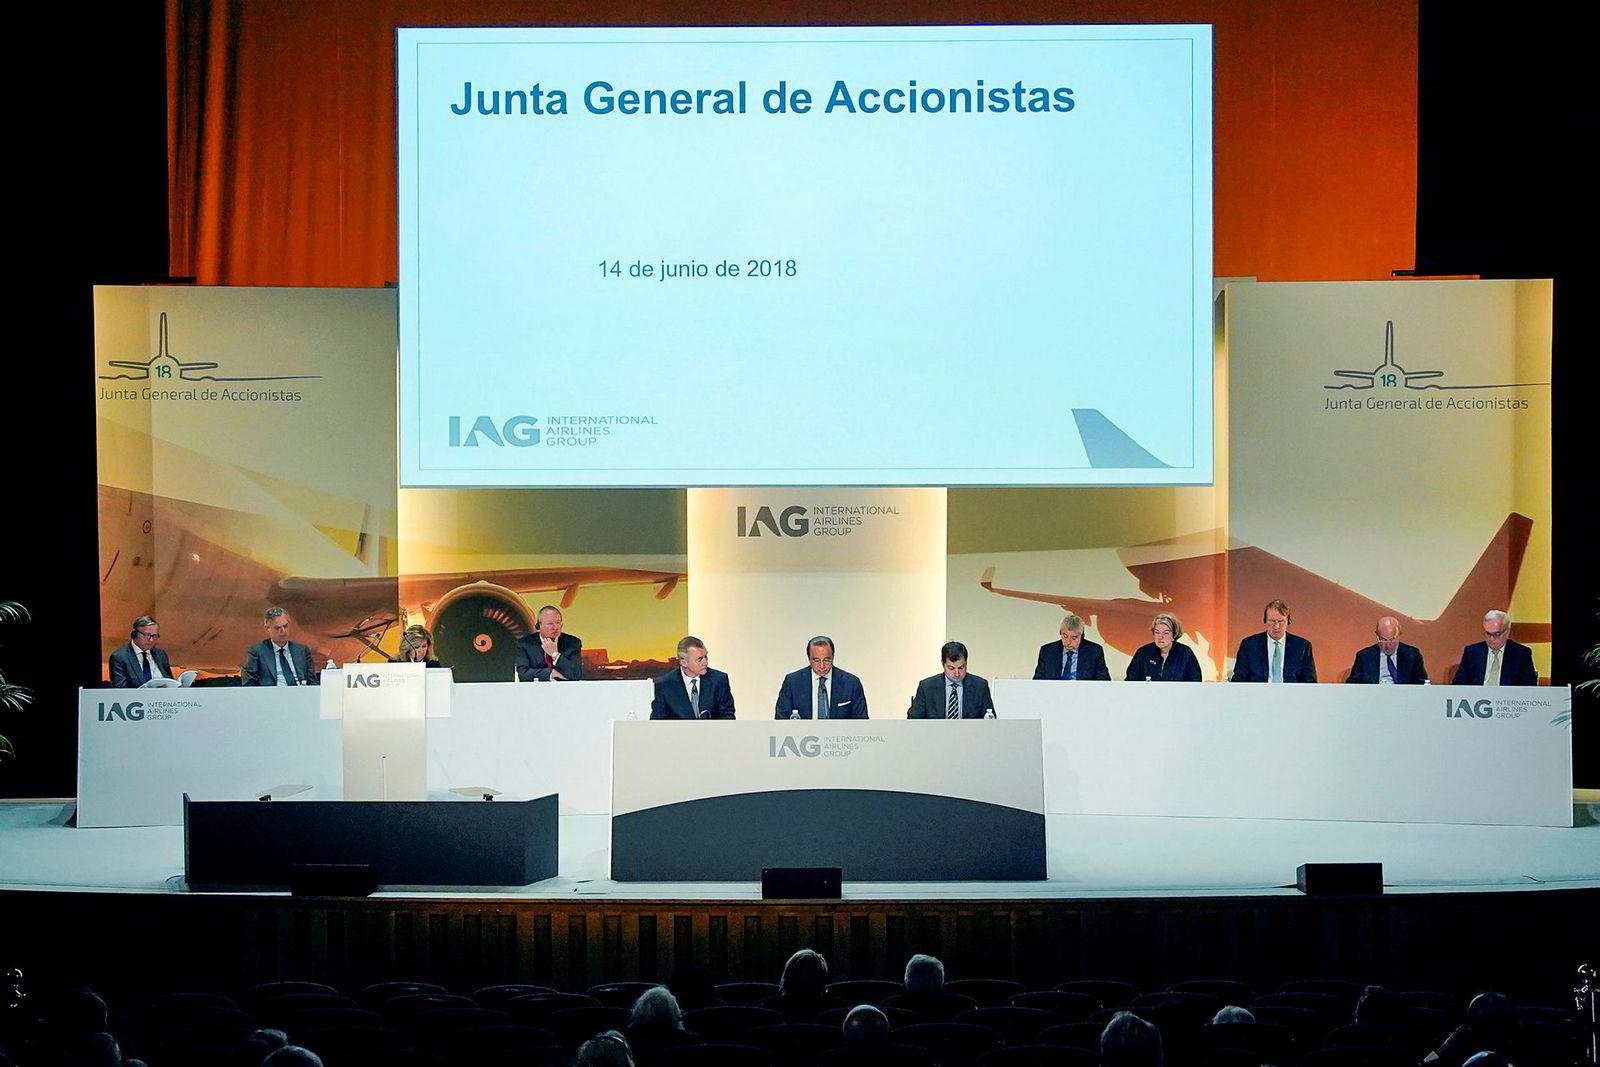 IAG-sjef Willie Walsh og styreleder Antonio Vázquez Romero kom inn fra bakveien til IAGs generalforsamling.